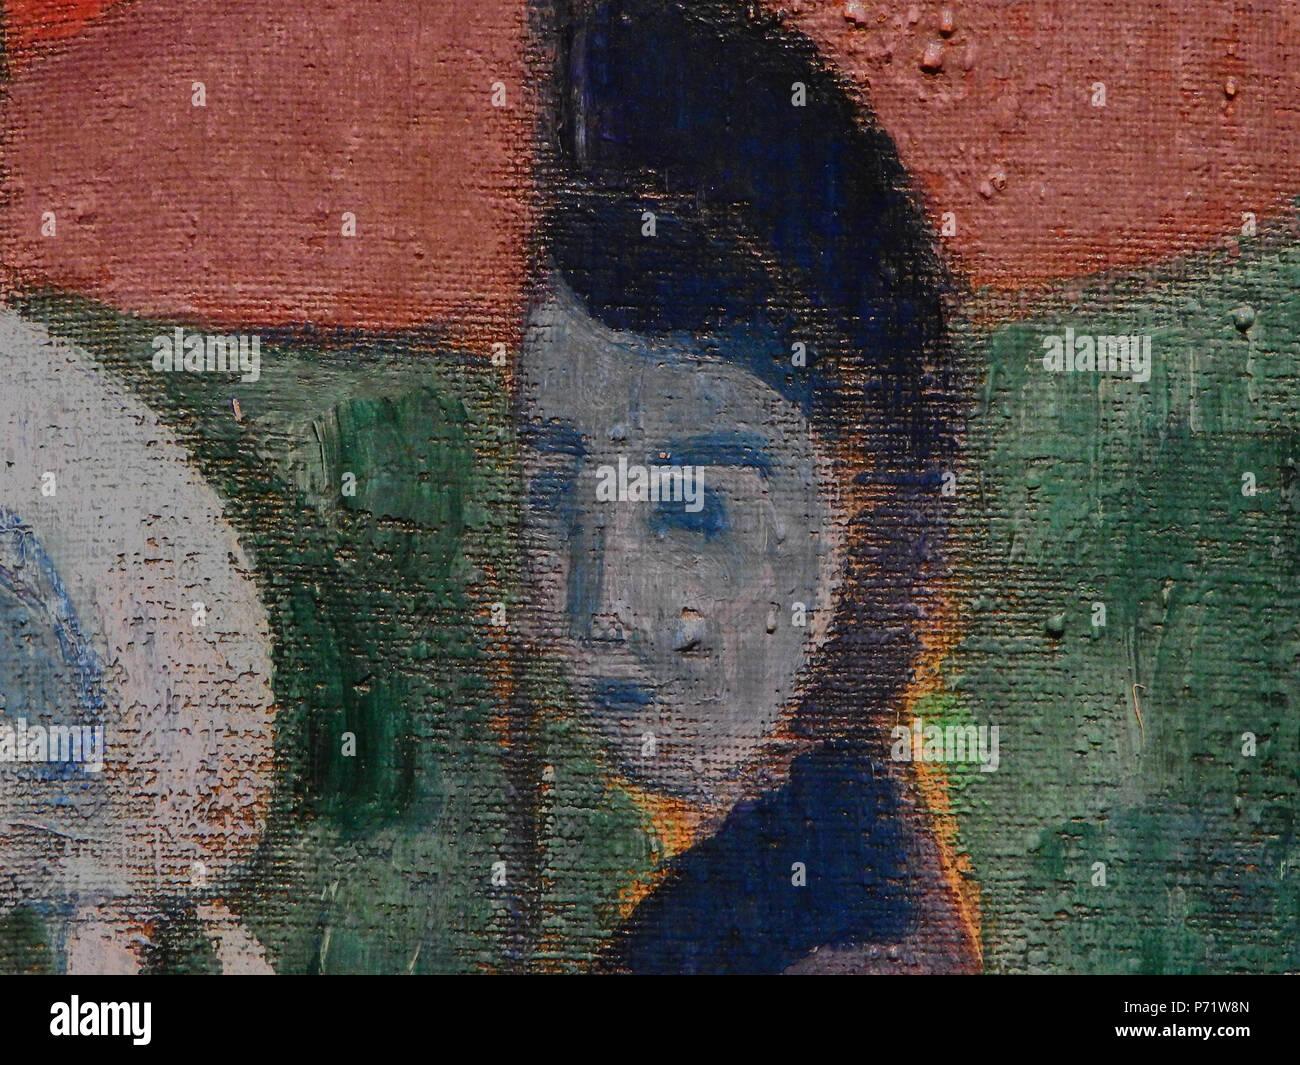 Français: - Detail 23 - Tête de Jeune femme dans l'ombre - Young woman's head in the shaddow - Orsay - . 1892 5 BERNARD Emile,1892 - Les Bretonnes aux Ombrelles - Detail 23 Stock Photo